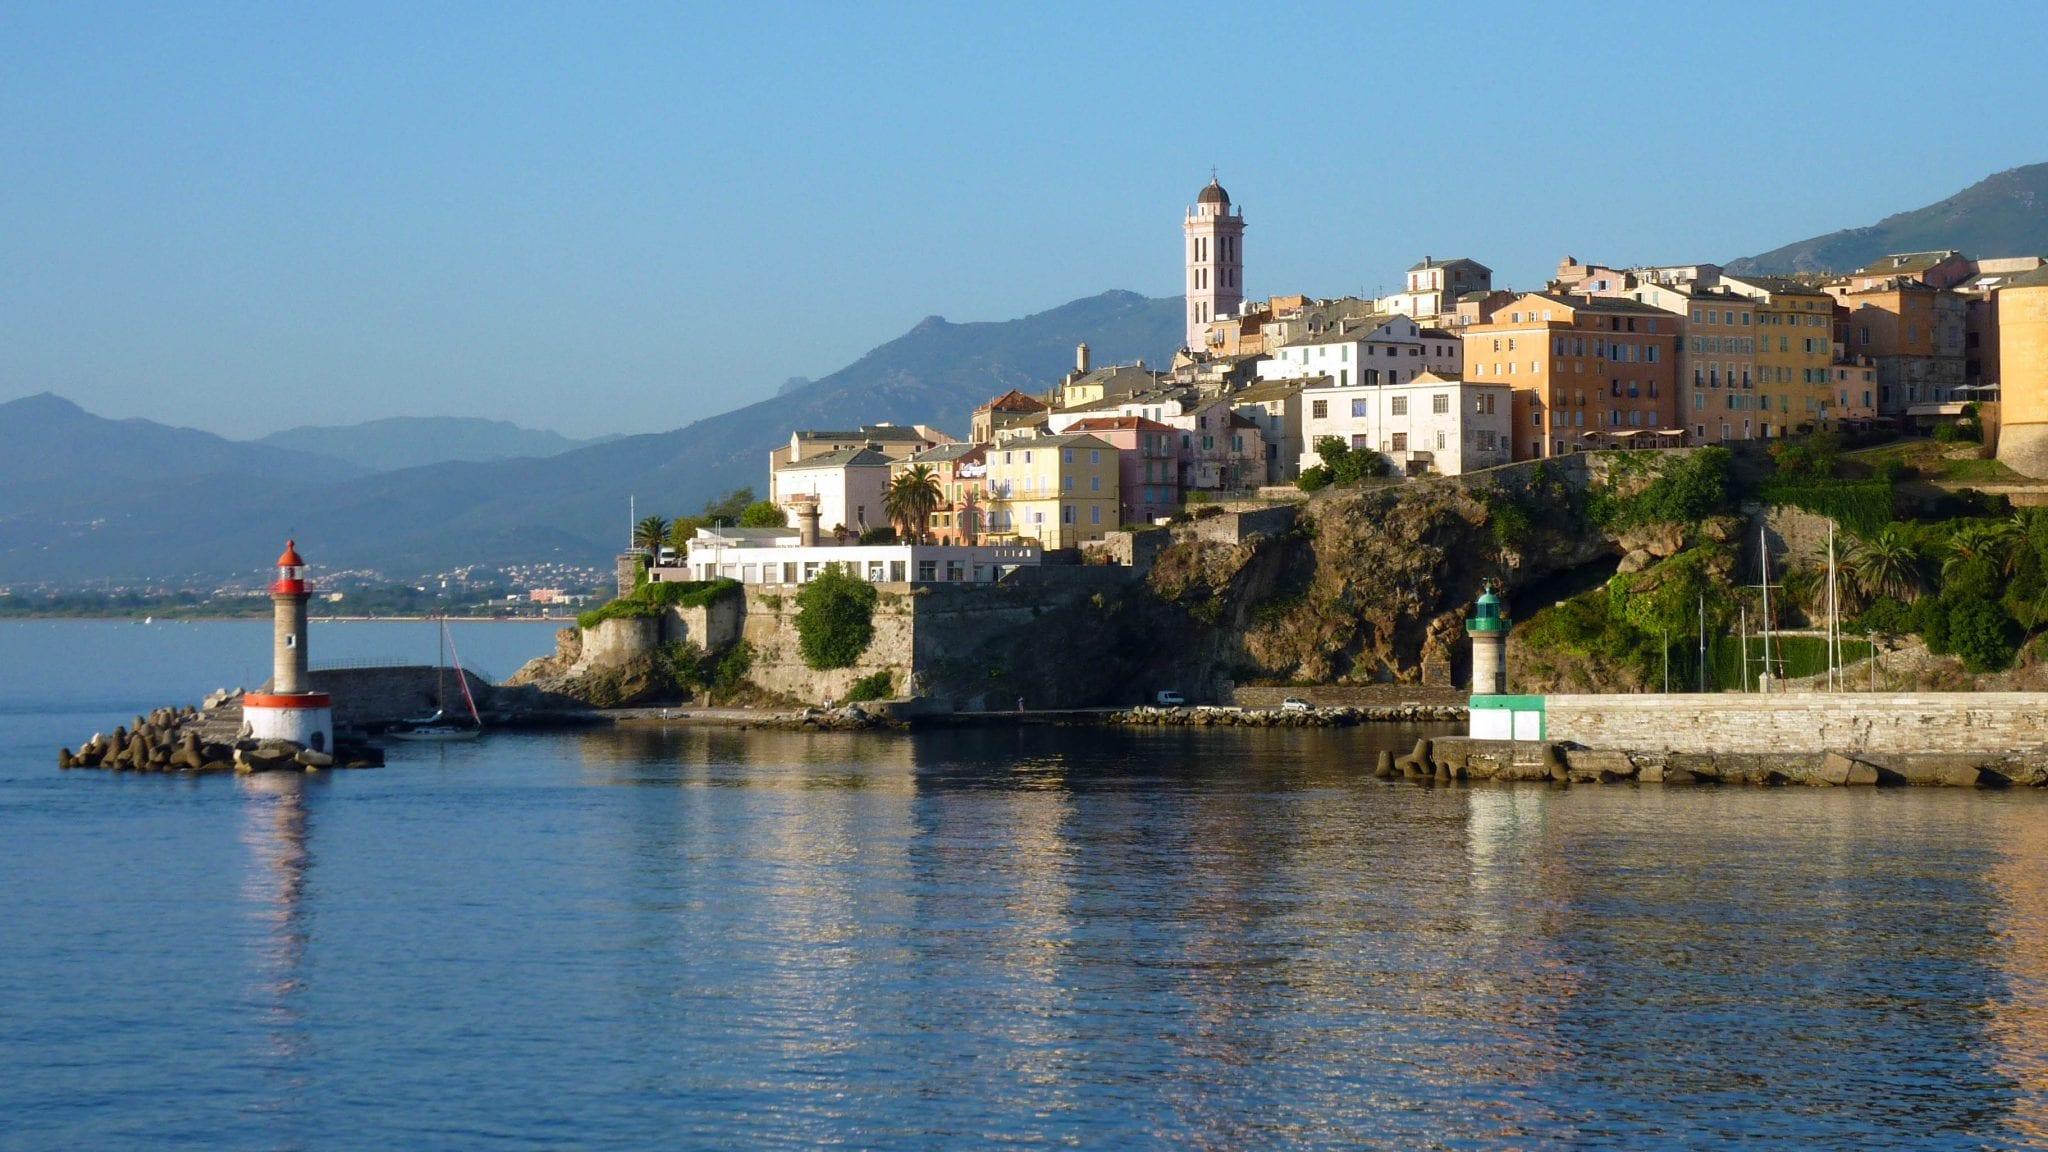 Бастия: Сказочный берег и природа Корсики